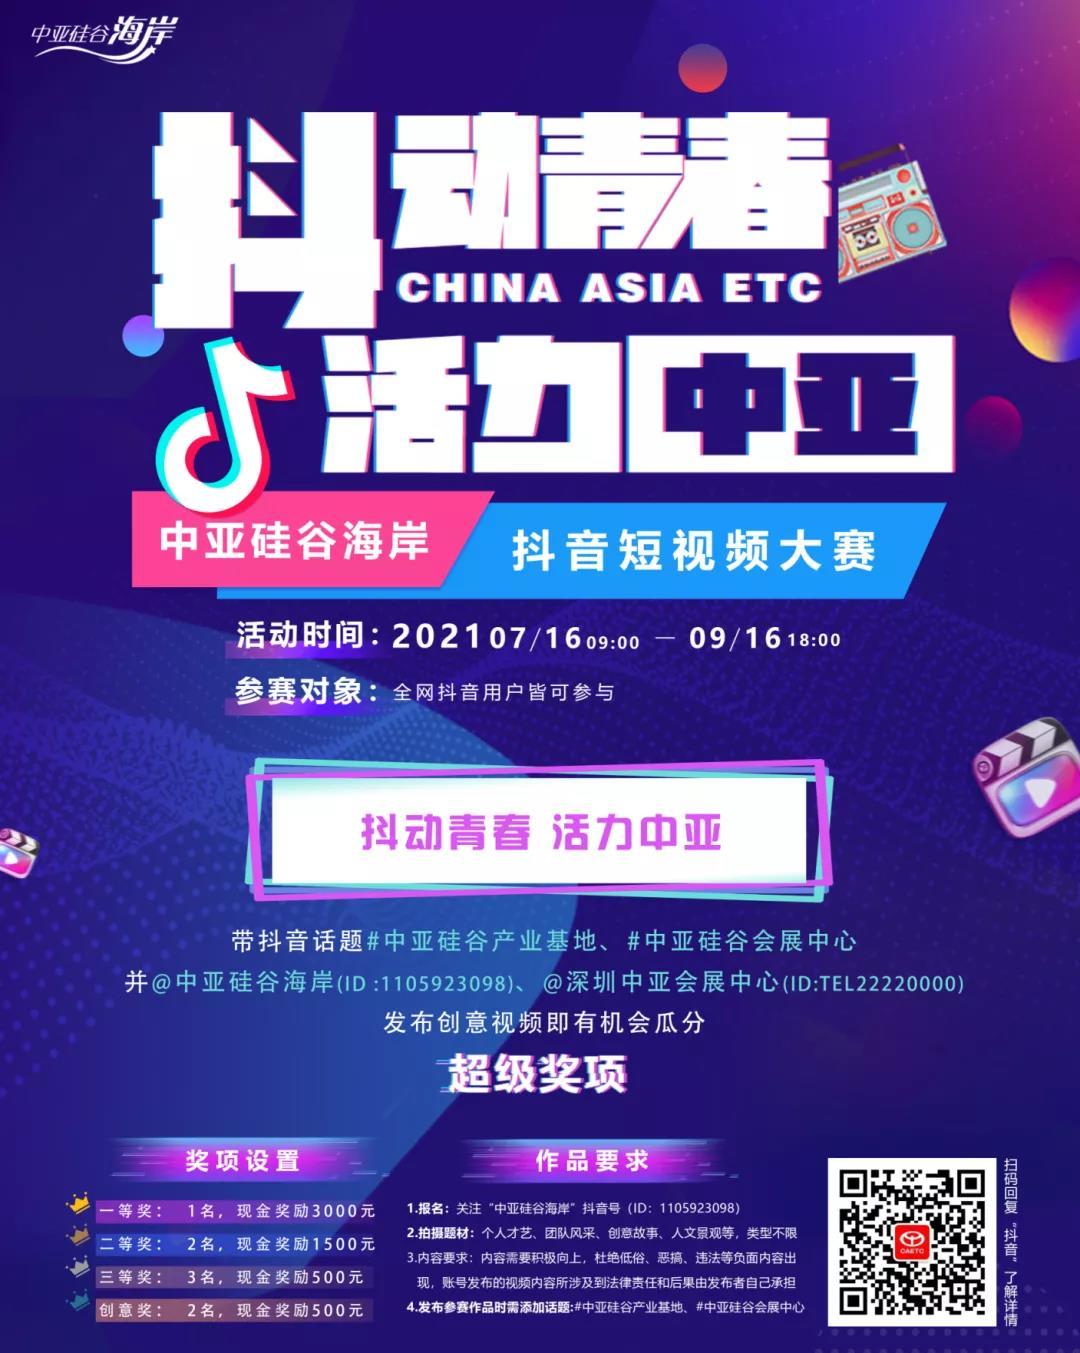 中亚硅谷抖音大赛火热进行中,你和千元现金奖只有15秒的距离!(图9)